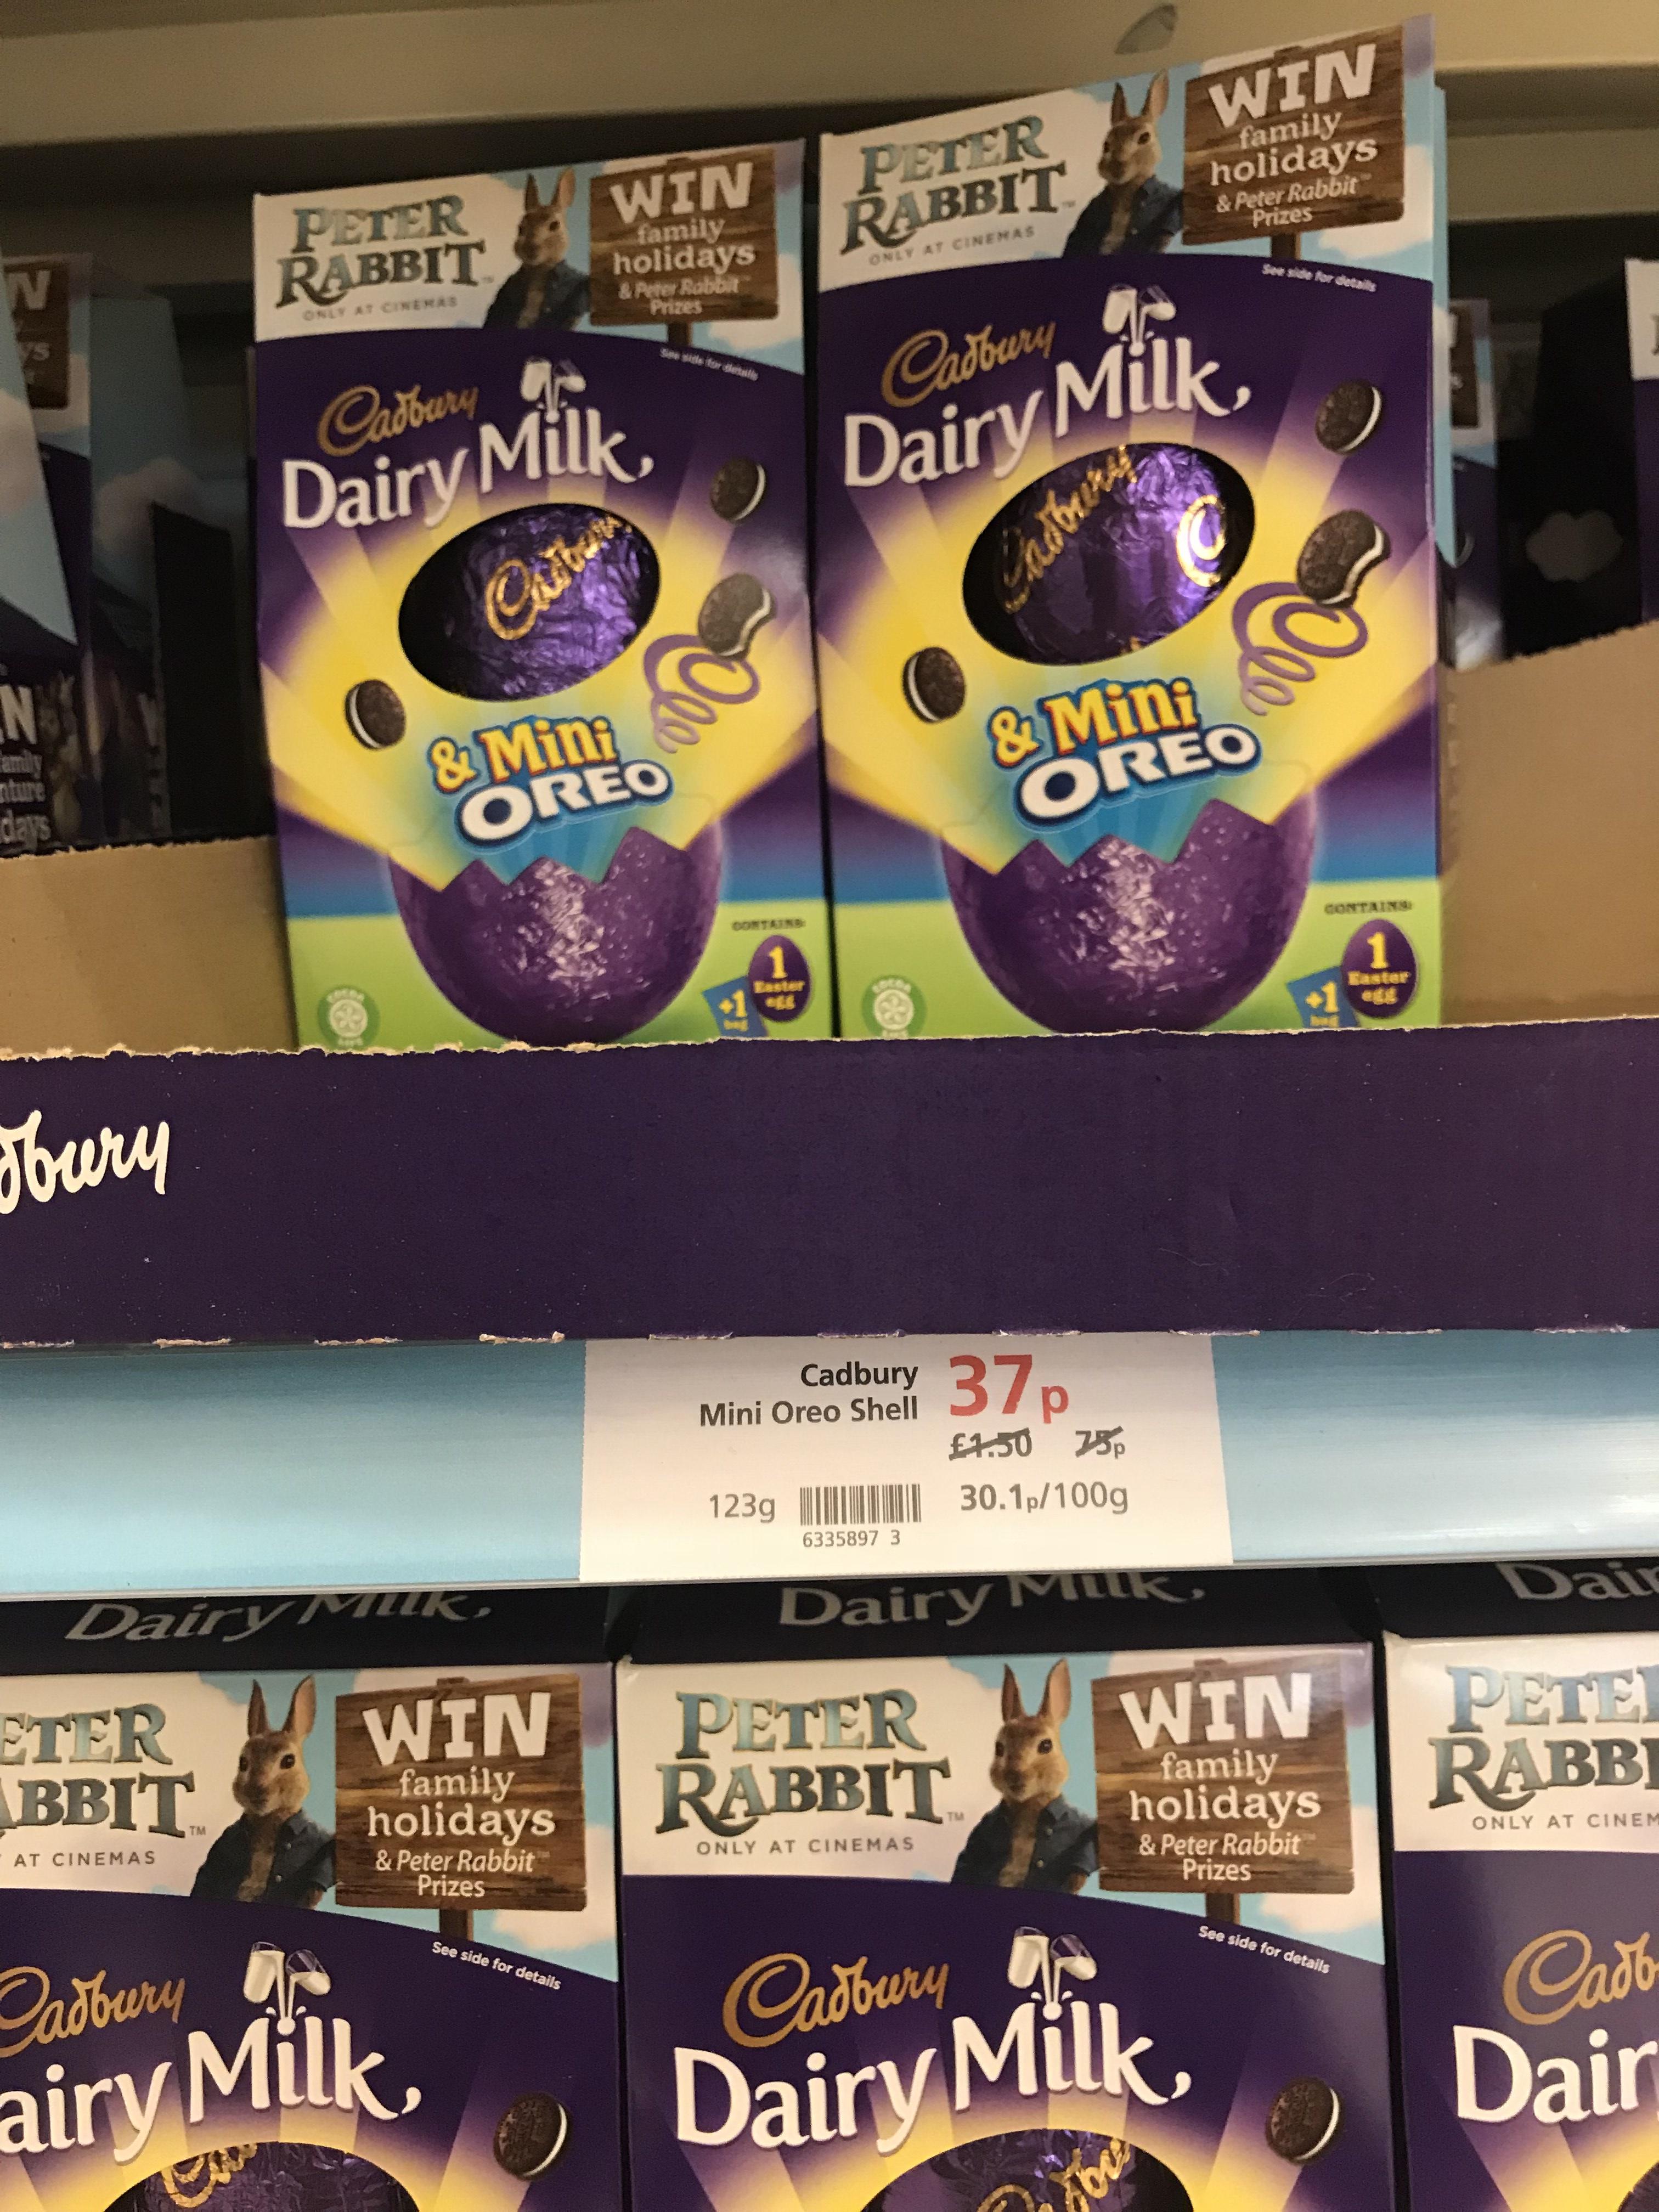 Cadbury's Easter egg 37p instore @ Waitrose